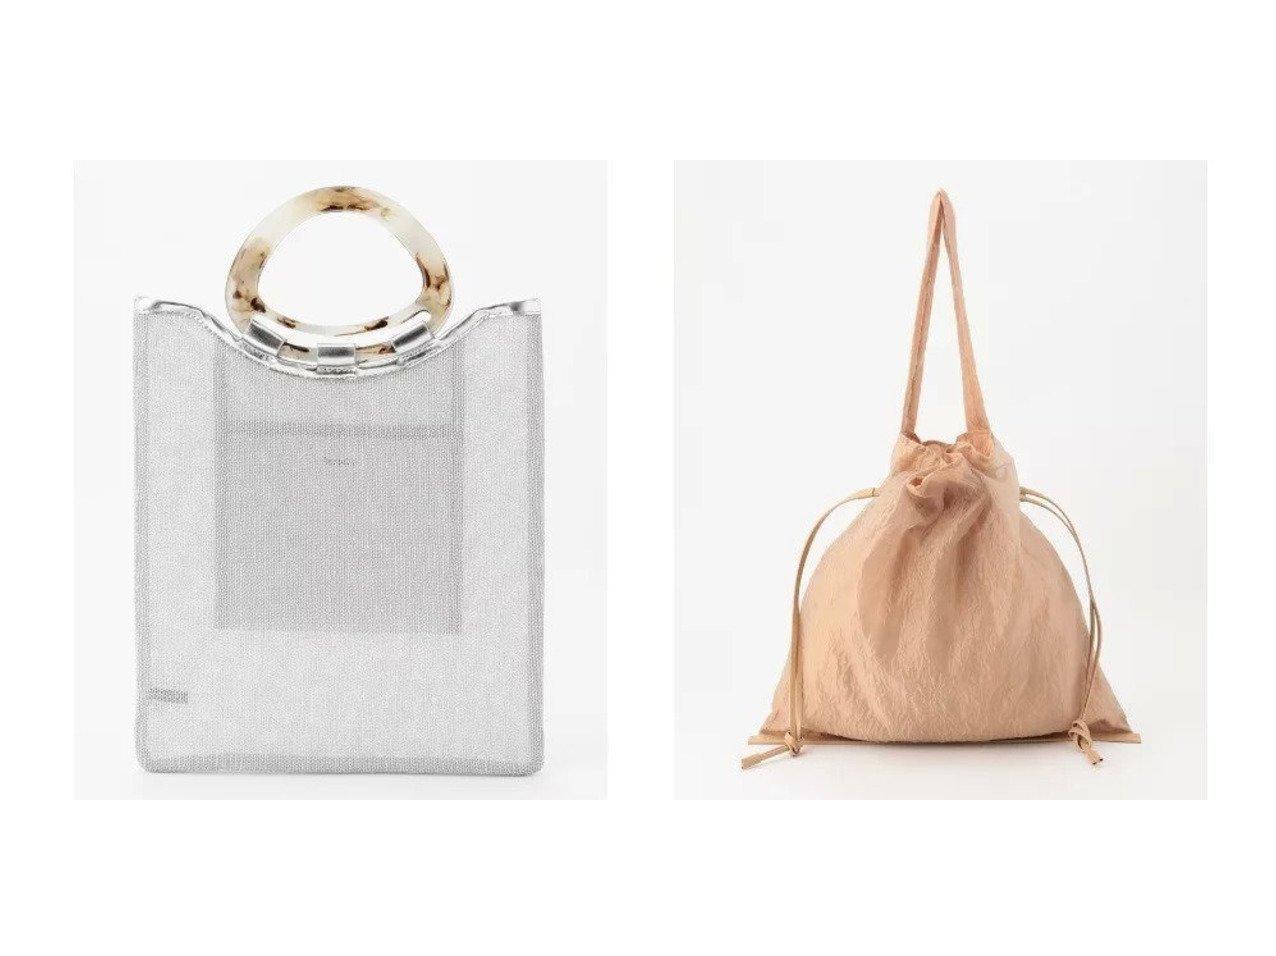 【KUMIKYOKU/組曲】のシアー ビッグトートバッグ&マーブル アクリルチュール バッグ バッグ・鞄のおすすめ!人気、トレンド・レディースファッションの通販 おすすめで人気の流行・トレンド、ファッションの通販商品 メンズファッション・キッズファッション・インテリア・家具・レディースファッション・服の通販 founy(ファニー) https://founy.com/ ファッション Fashion レディースファッション WOMEN バッグ Bag 2021年 2021 2021 春夏 S/S SS Spring/Summer 2021 S/S 春夏 SS Spring/Summer おすすめ Recommend アクリル チュール ハンドバッグ マーブル インナー シアー トレンド ビッグ ポシェット |ID:crp329100000025028